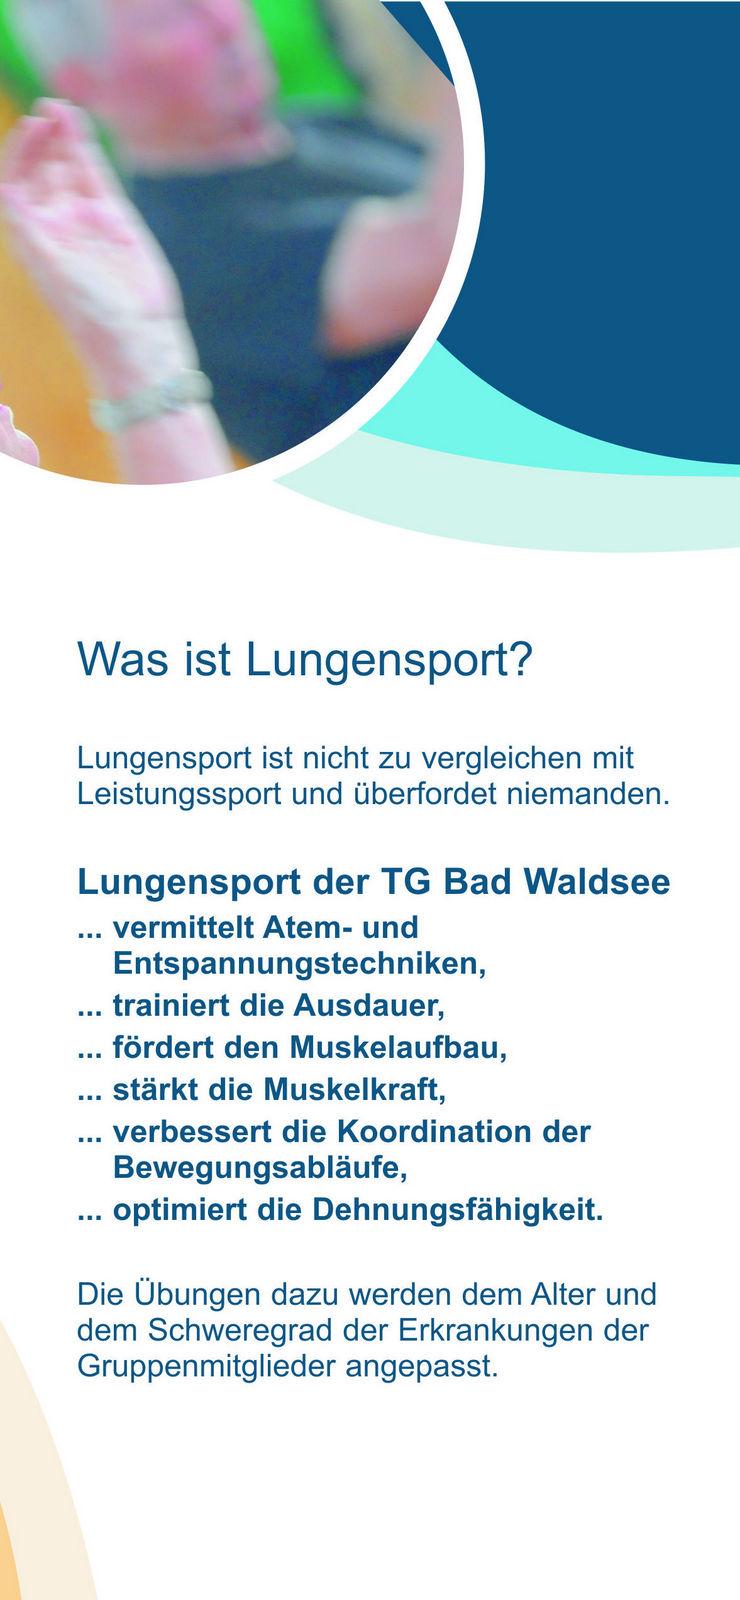 Lungensport2